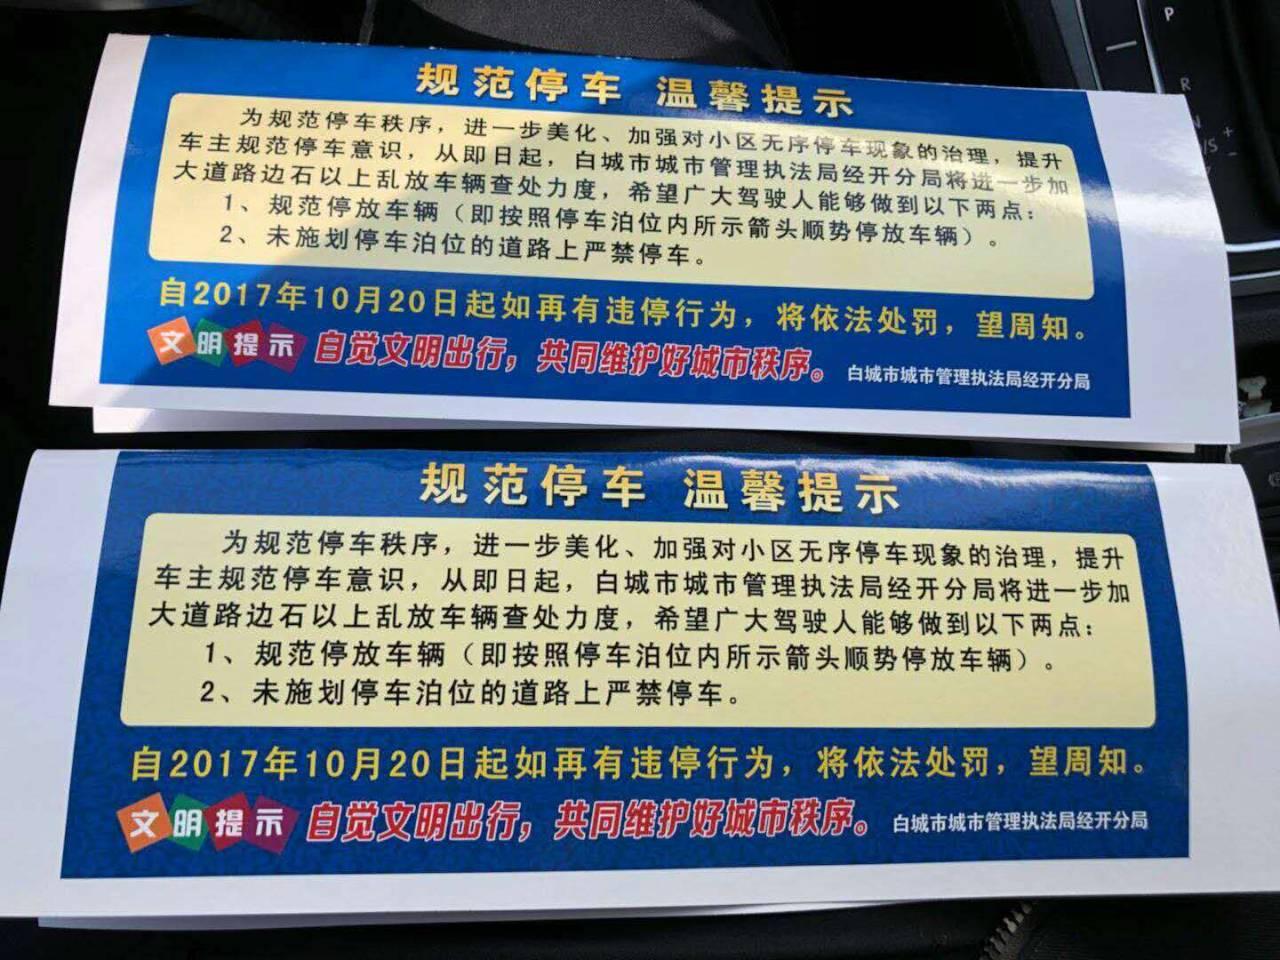 白城头条|?10月20日起针对乱停放车辆将加大查处力度,白城有车一族注意了!